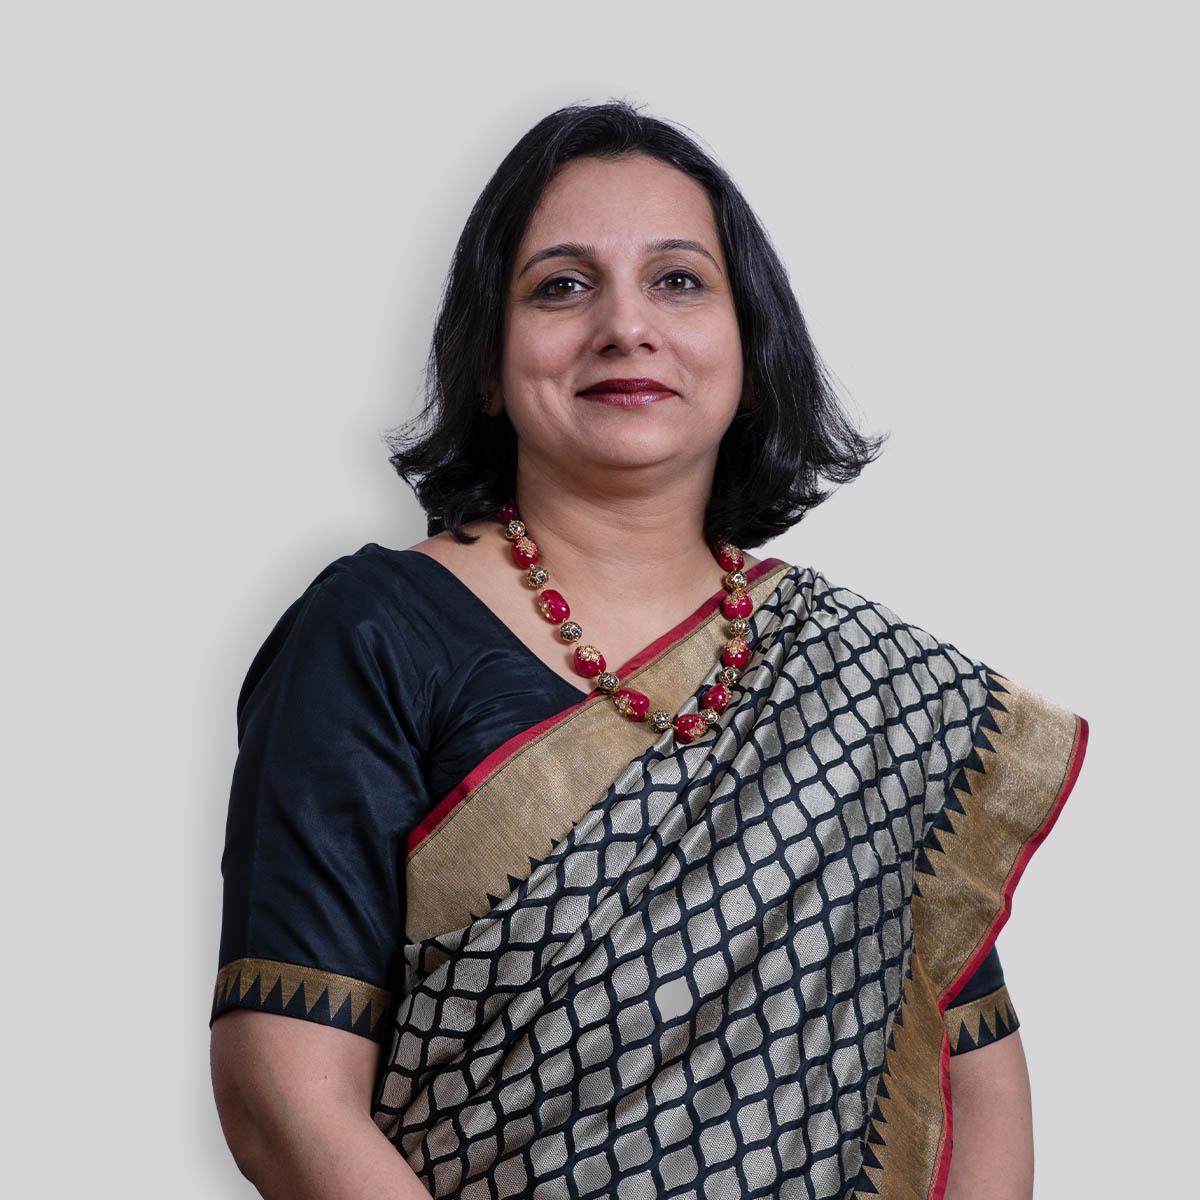 Anupama Aggarwal